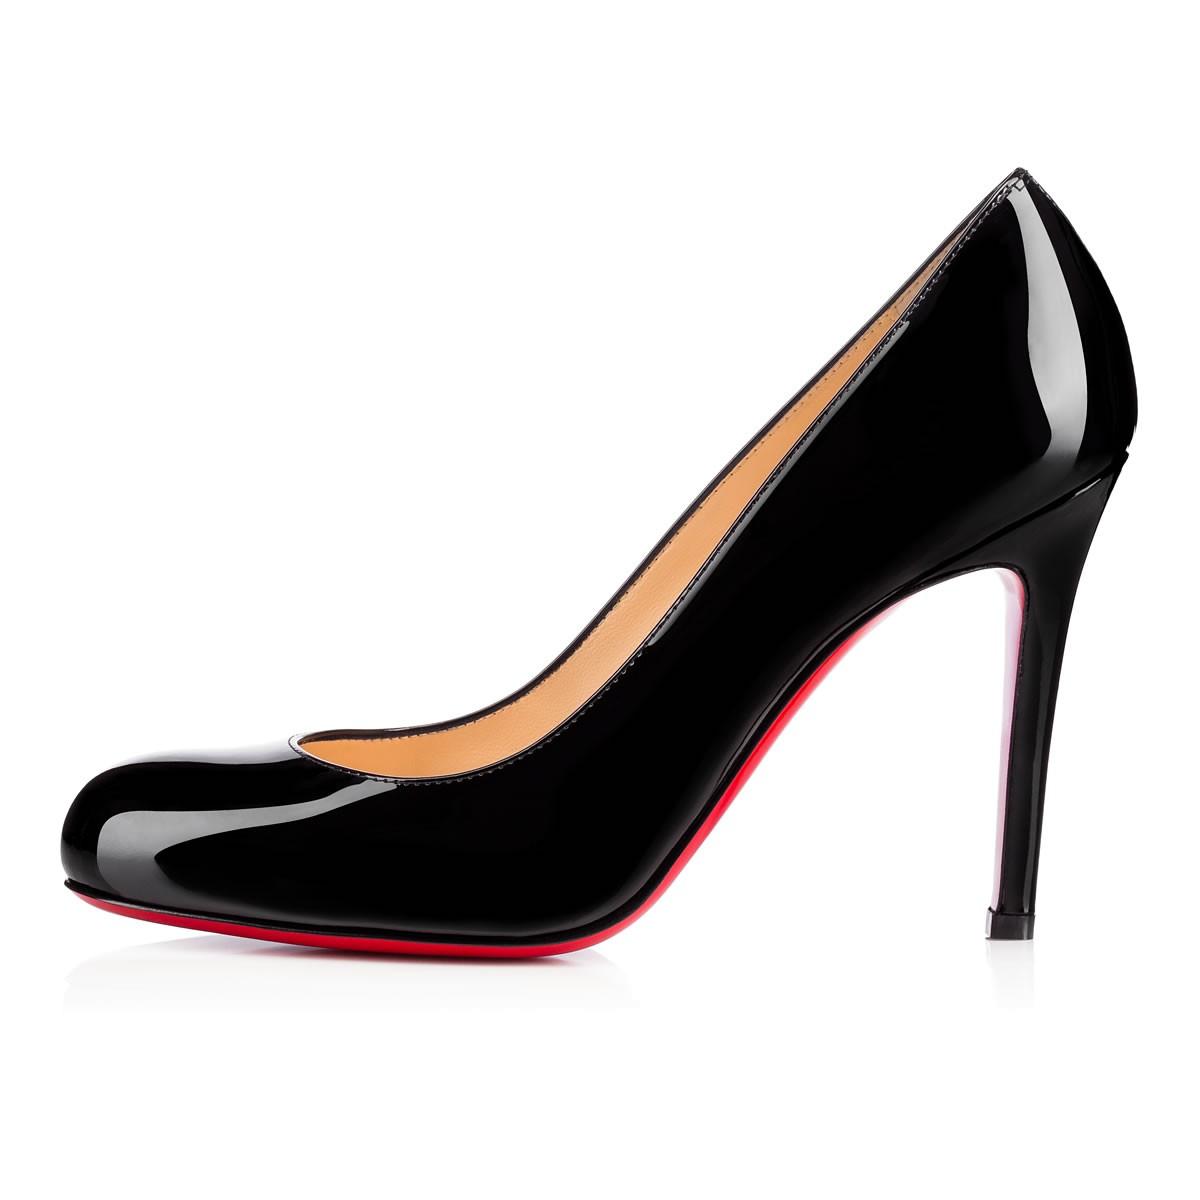 black pumps ... shoes - simple pump - christian louboutin ... WAFOWJO